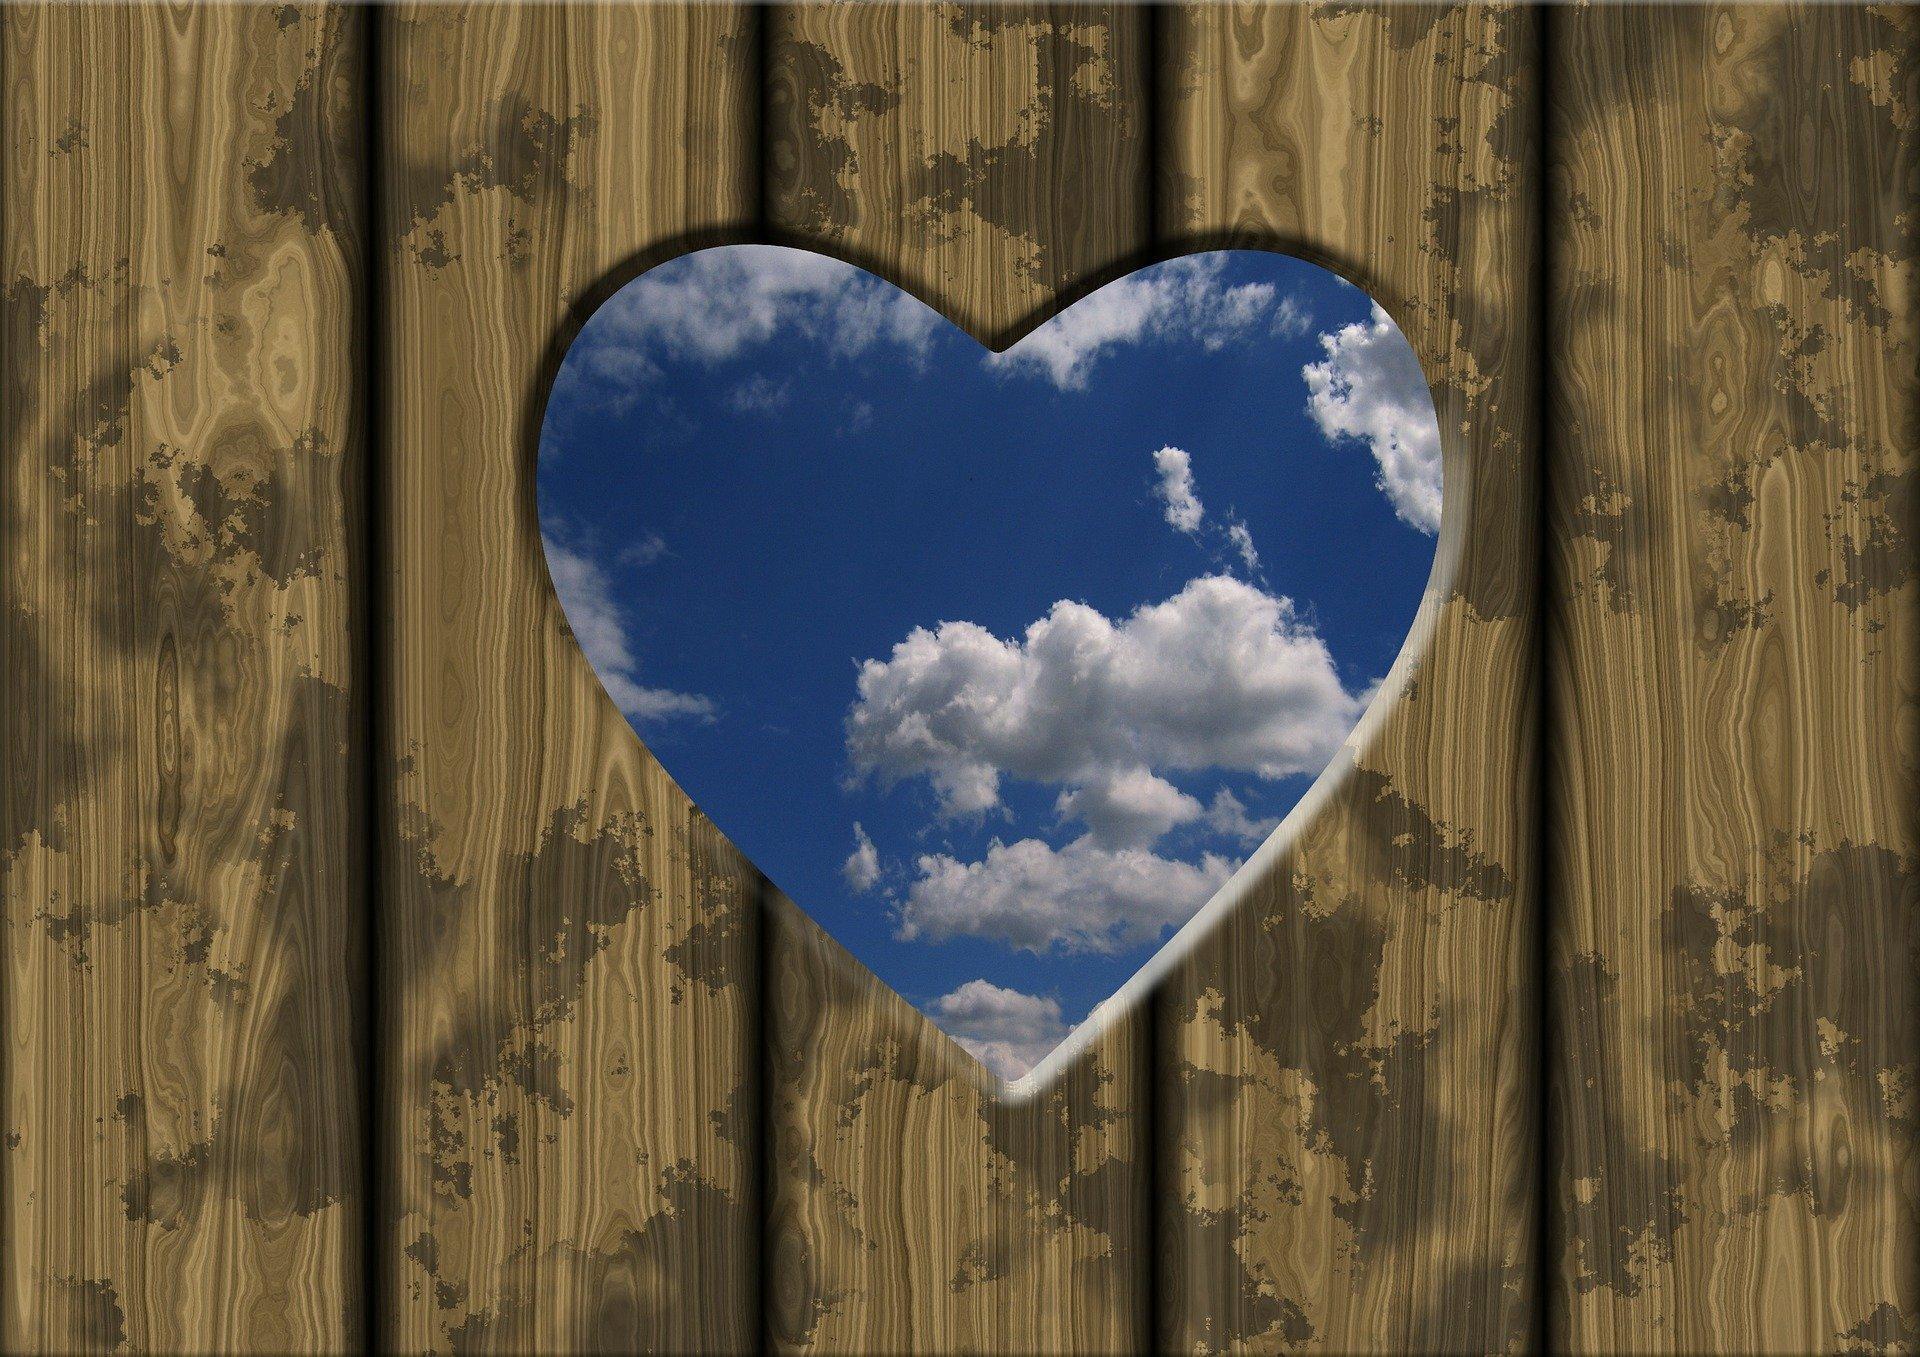 cuore inciso su una parete di tavole di legno dal quale si intravede il cielo blu con le nuvole